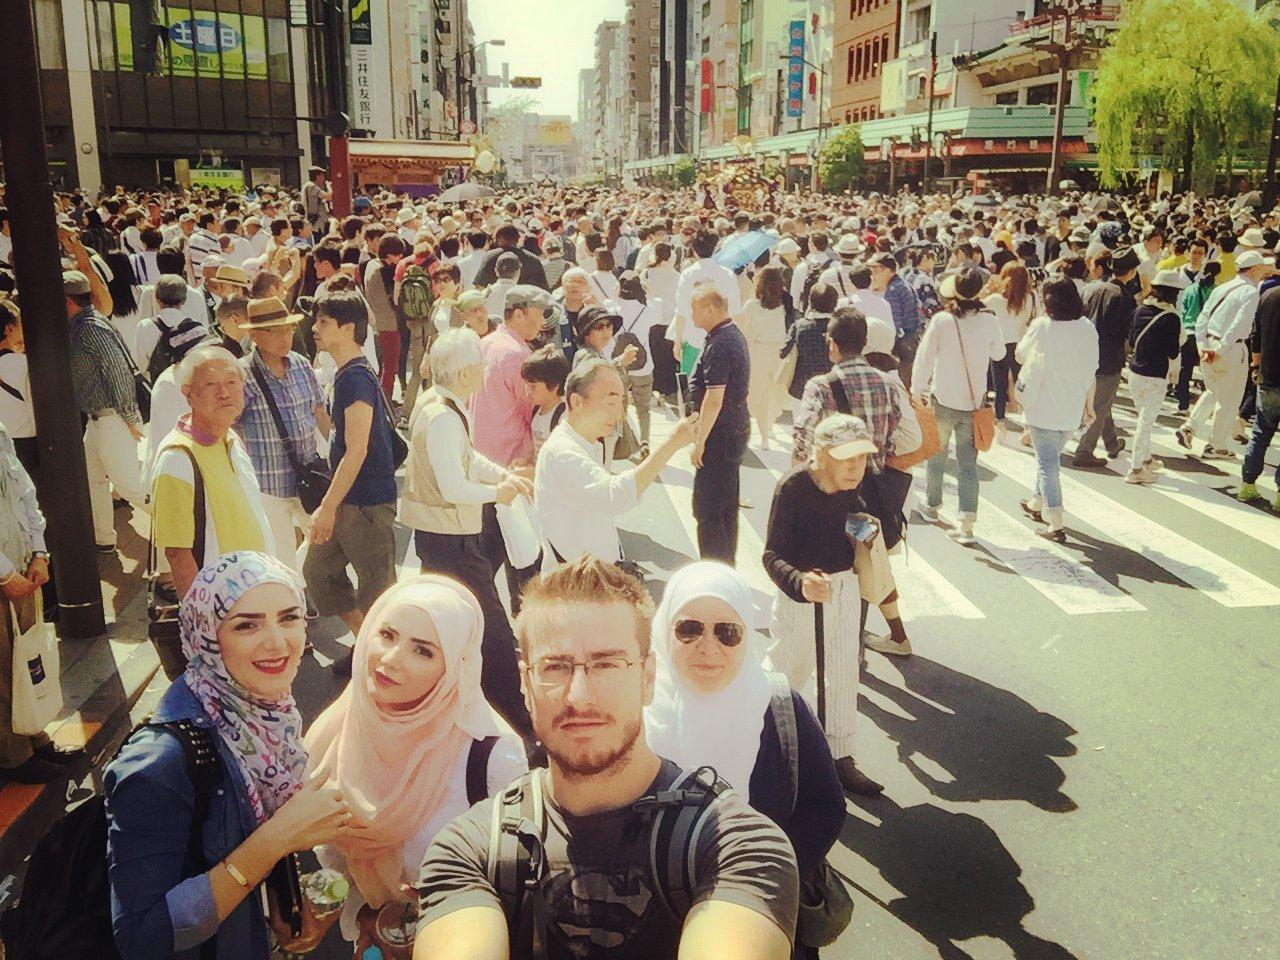 Tokyo, Japan | 15 May 2015